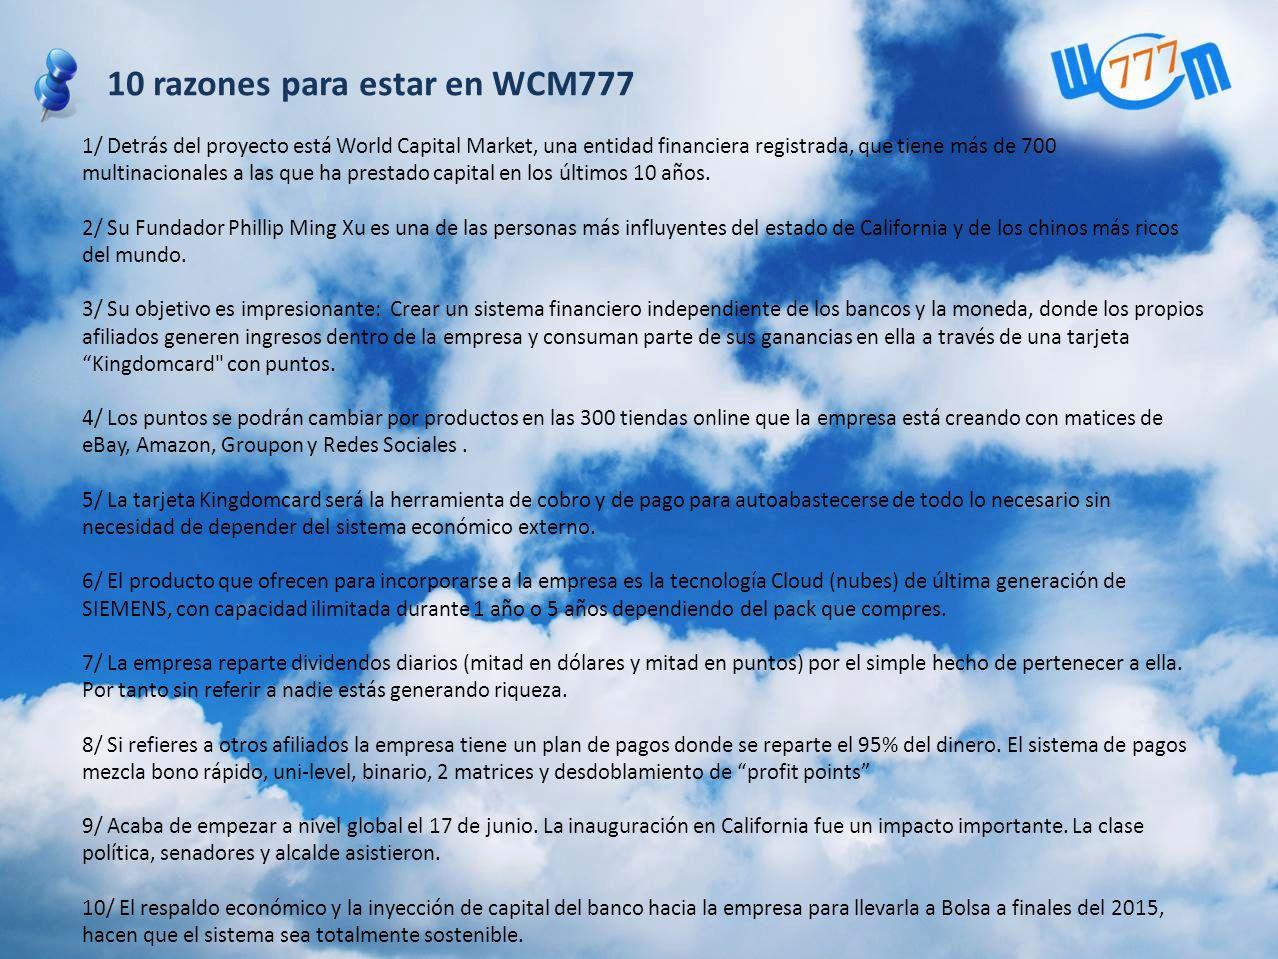 10 razones para estar en WCM777